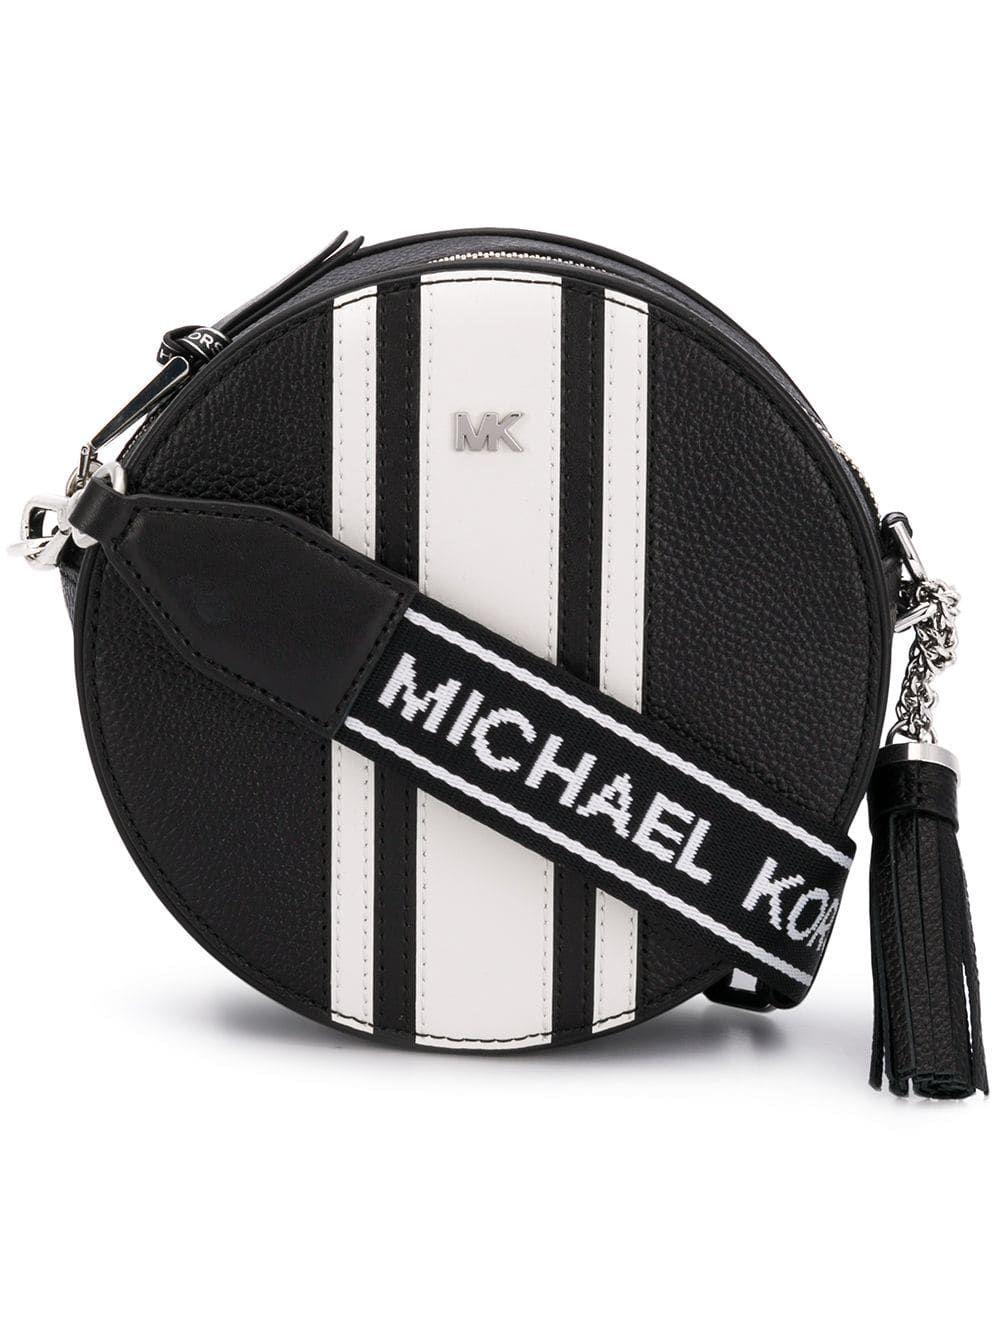 Michael Michael Kors Canteen Crossbody Bag In Black Modesens Crossbody Bag Bags Black Cross Body Bag